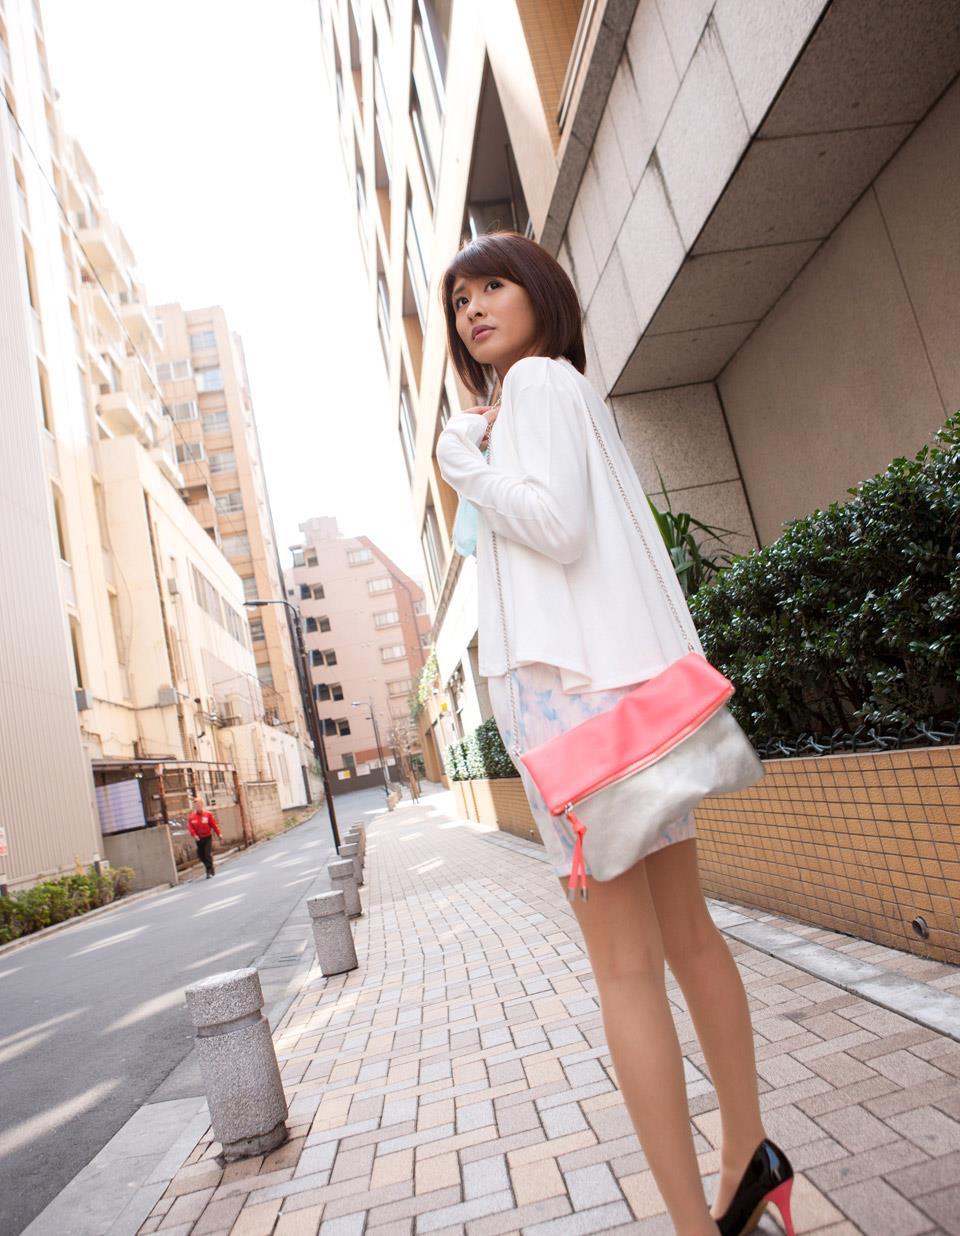 夏目優希 画像 8